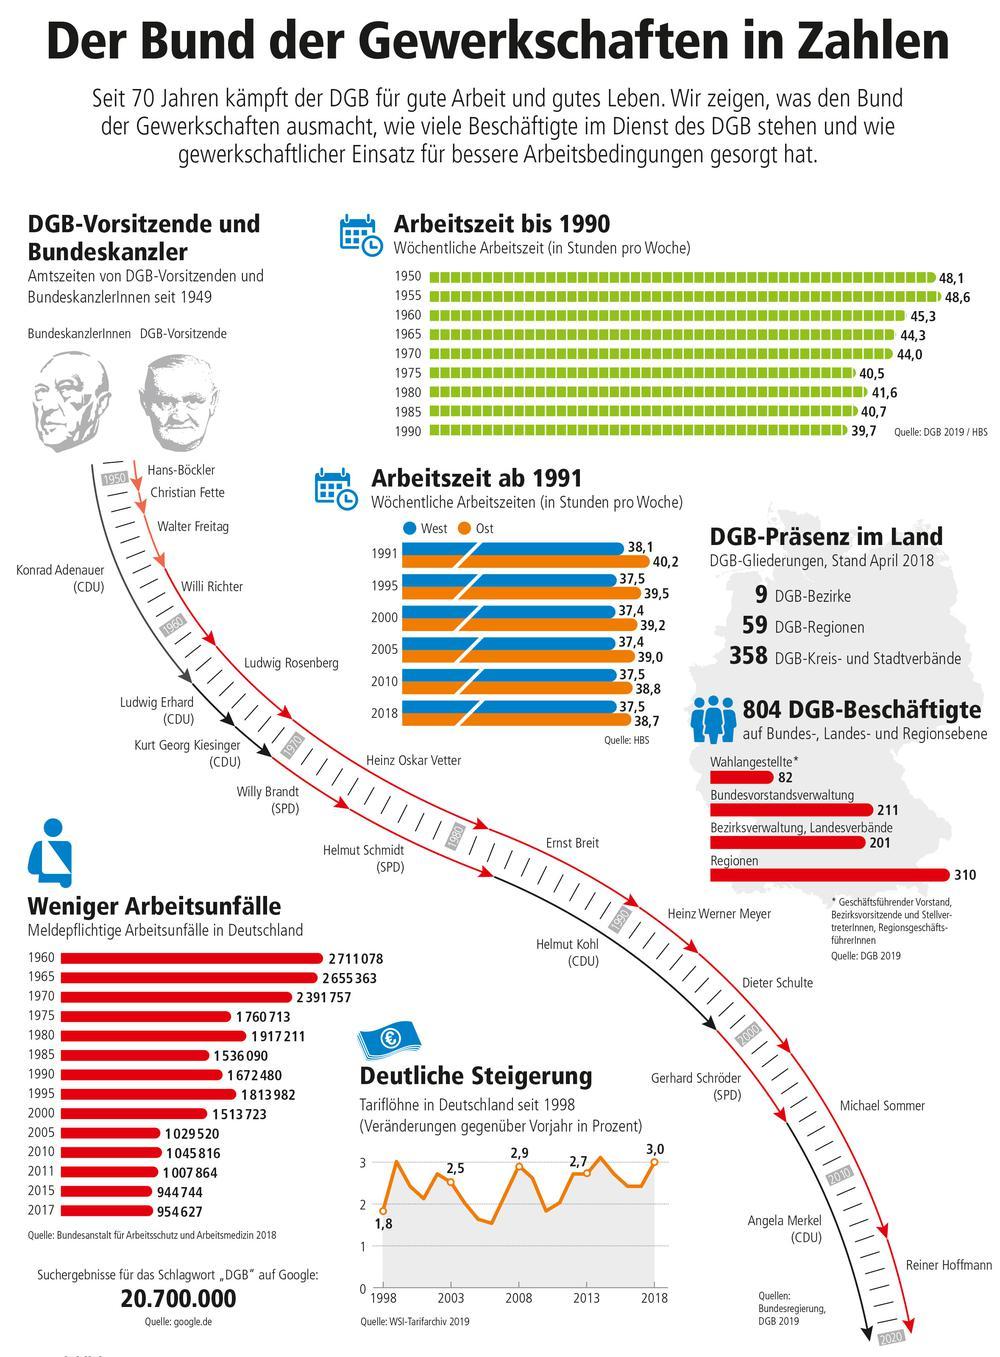 DGB-Geschichte in Zahlen